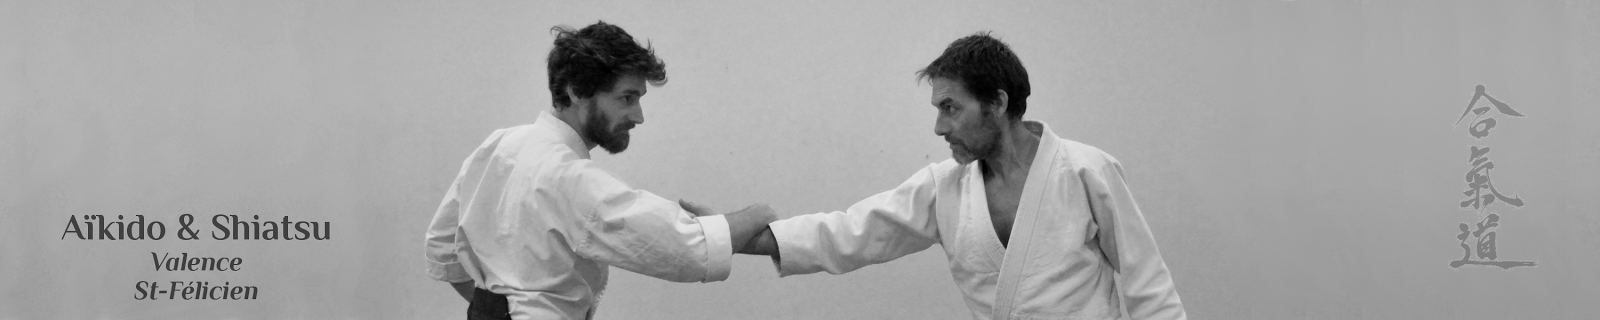 Aïkido & Shiatsu